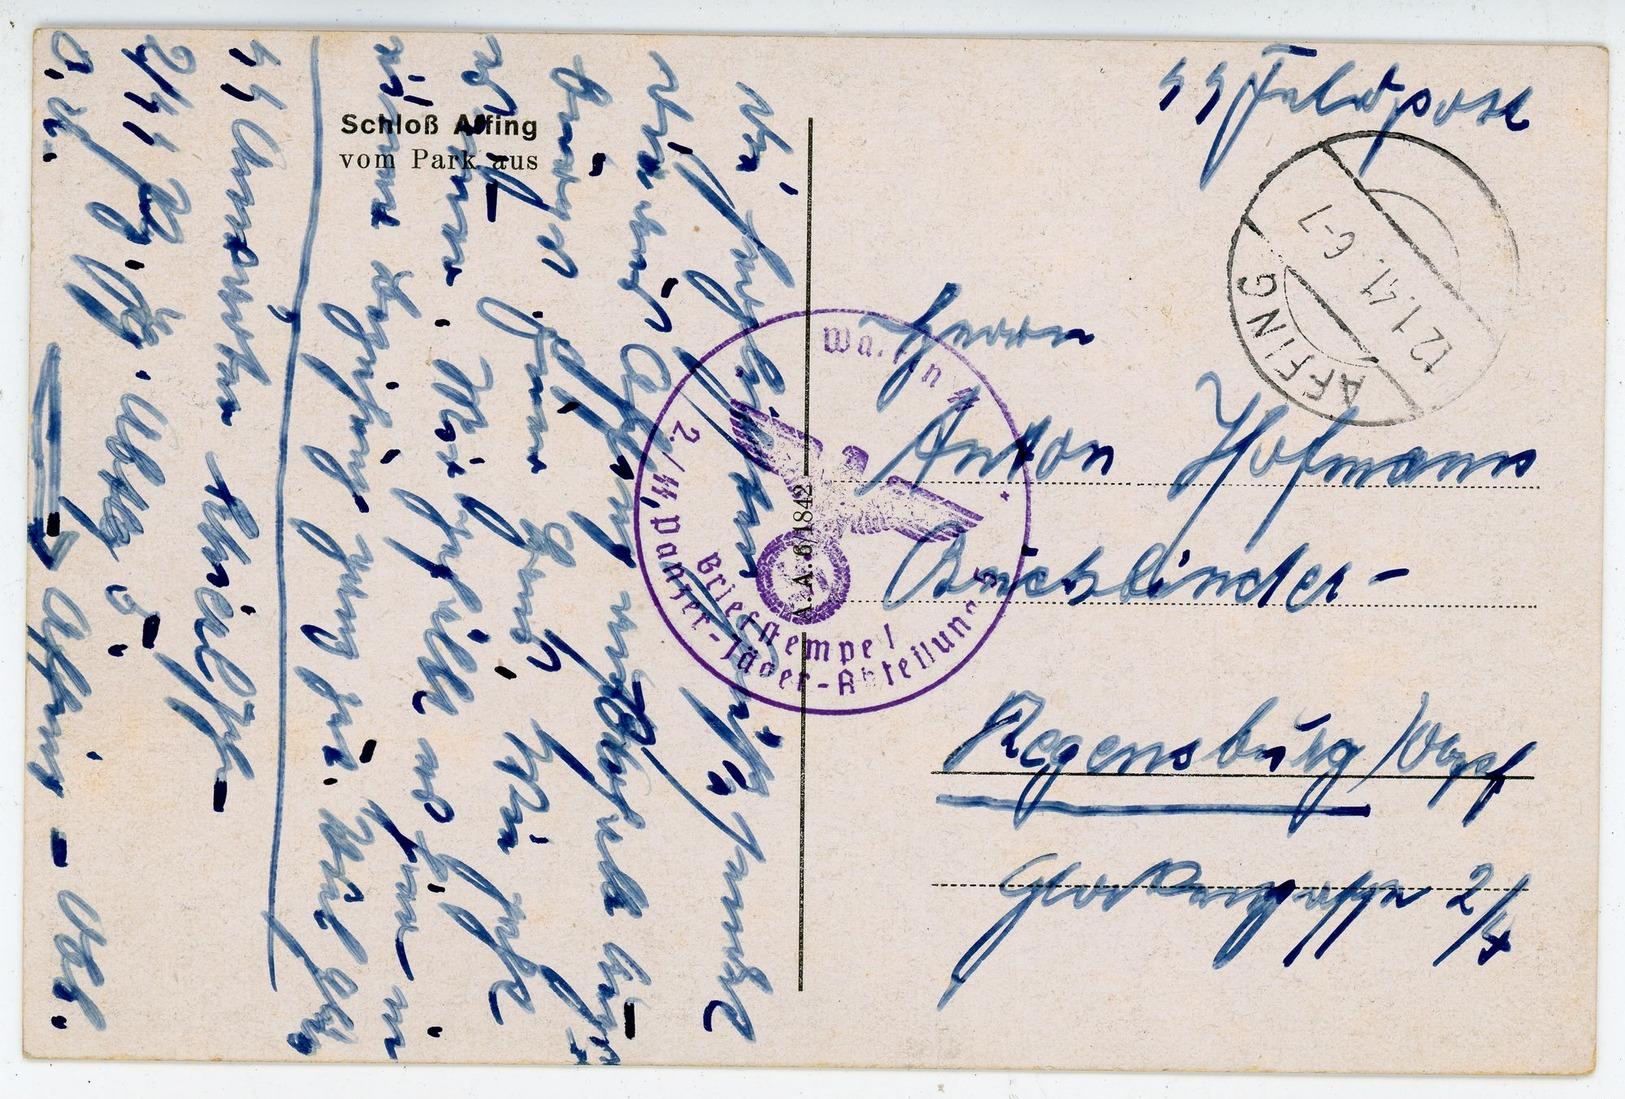 Schloß Affing - SS Feldpostkarte 2. SS Panzer-Jäger Abteilung Nach Regensburg - Sonstige